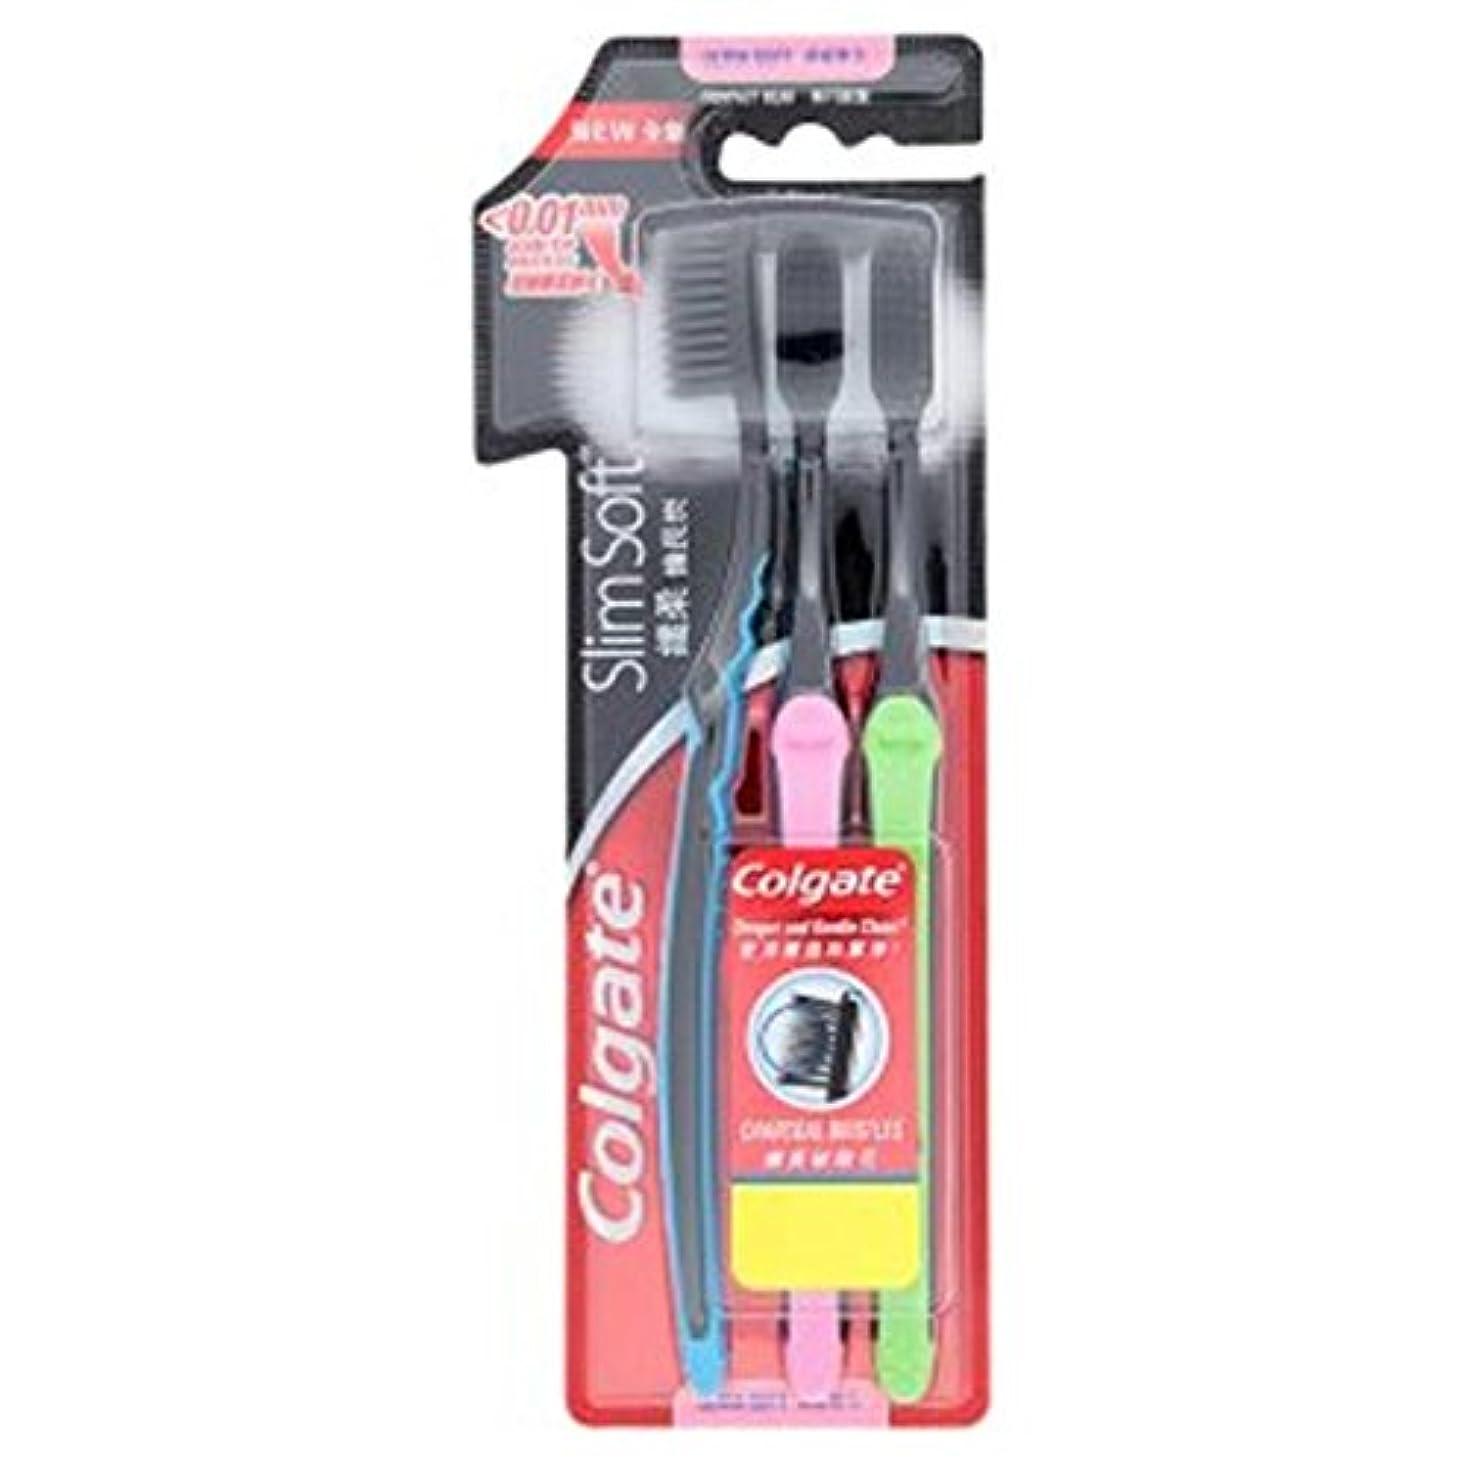 密度コットン美的Colgate Slimsoftコンパクトヘッドウルトラソフトチャコール剛毛歯ブラシ。